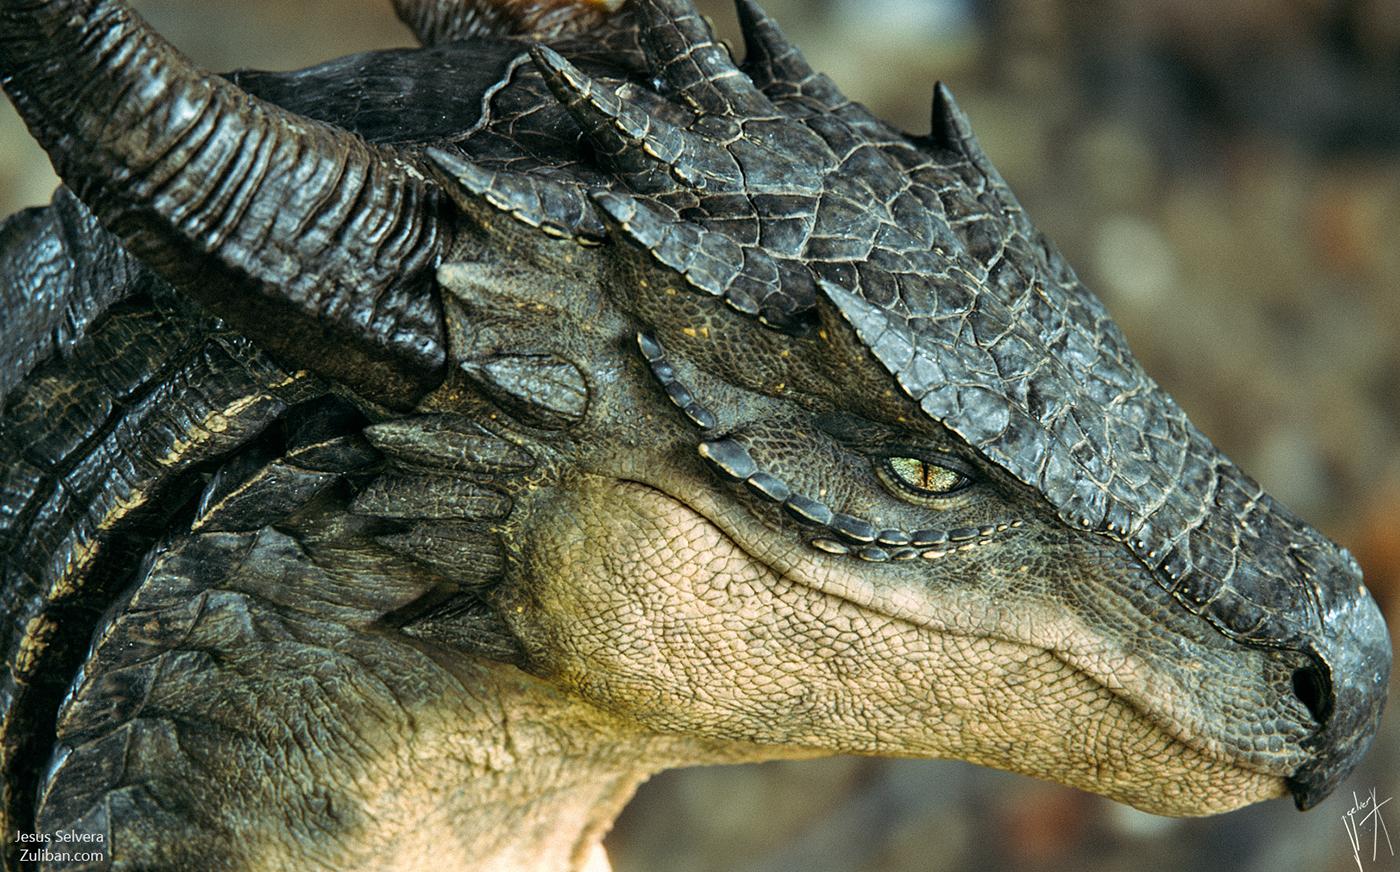 каркас картинки реалистичные драконы есть